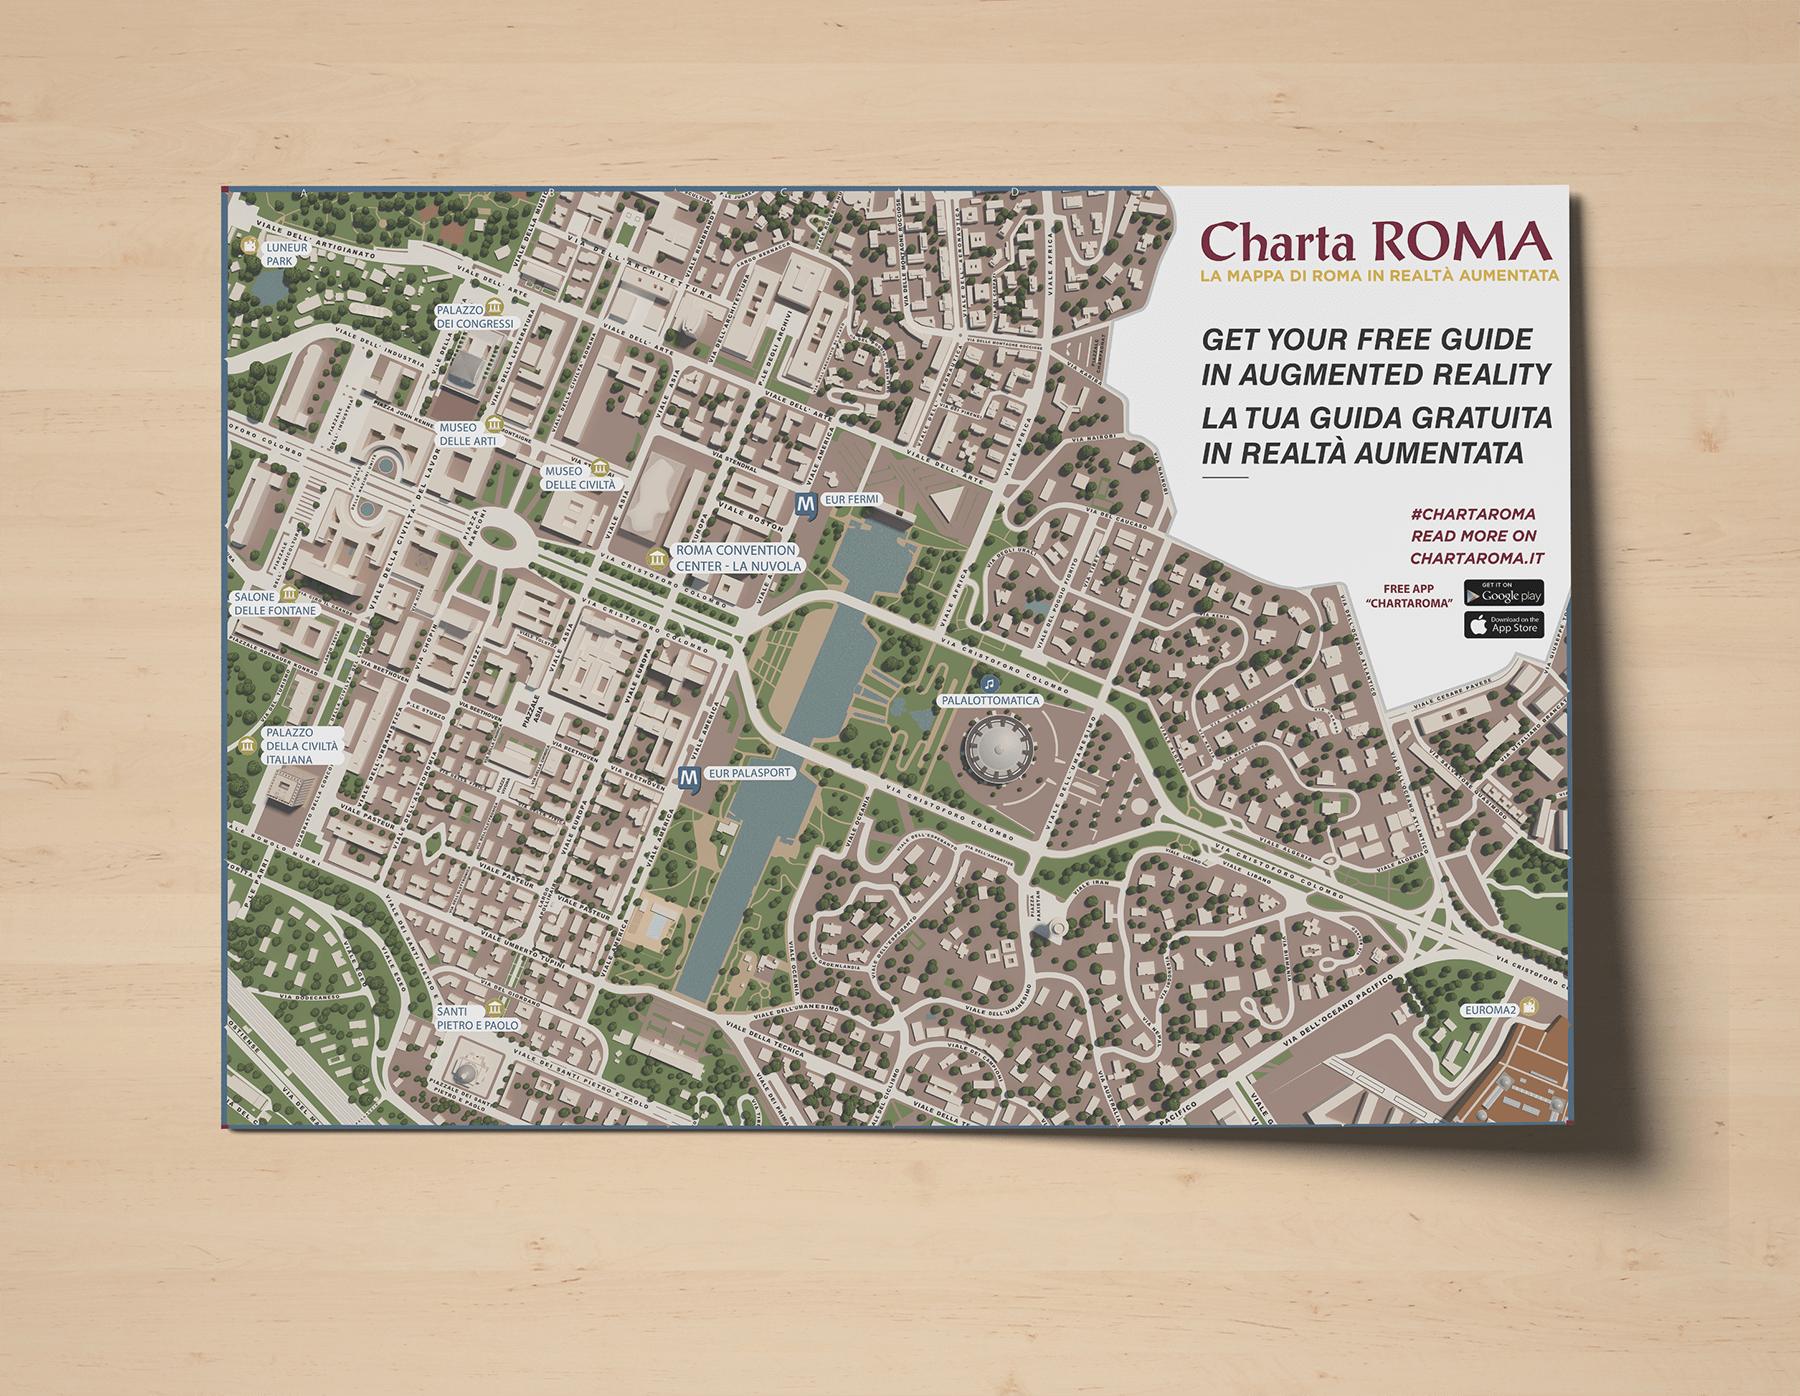 Guida di Roma in realtà aumentata per hotel - Charta Roma